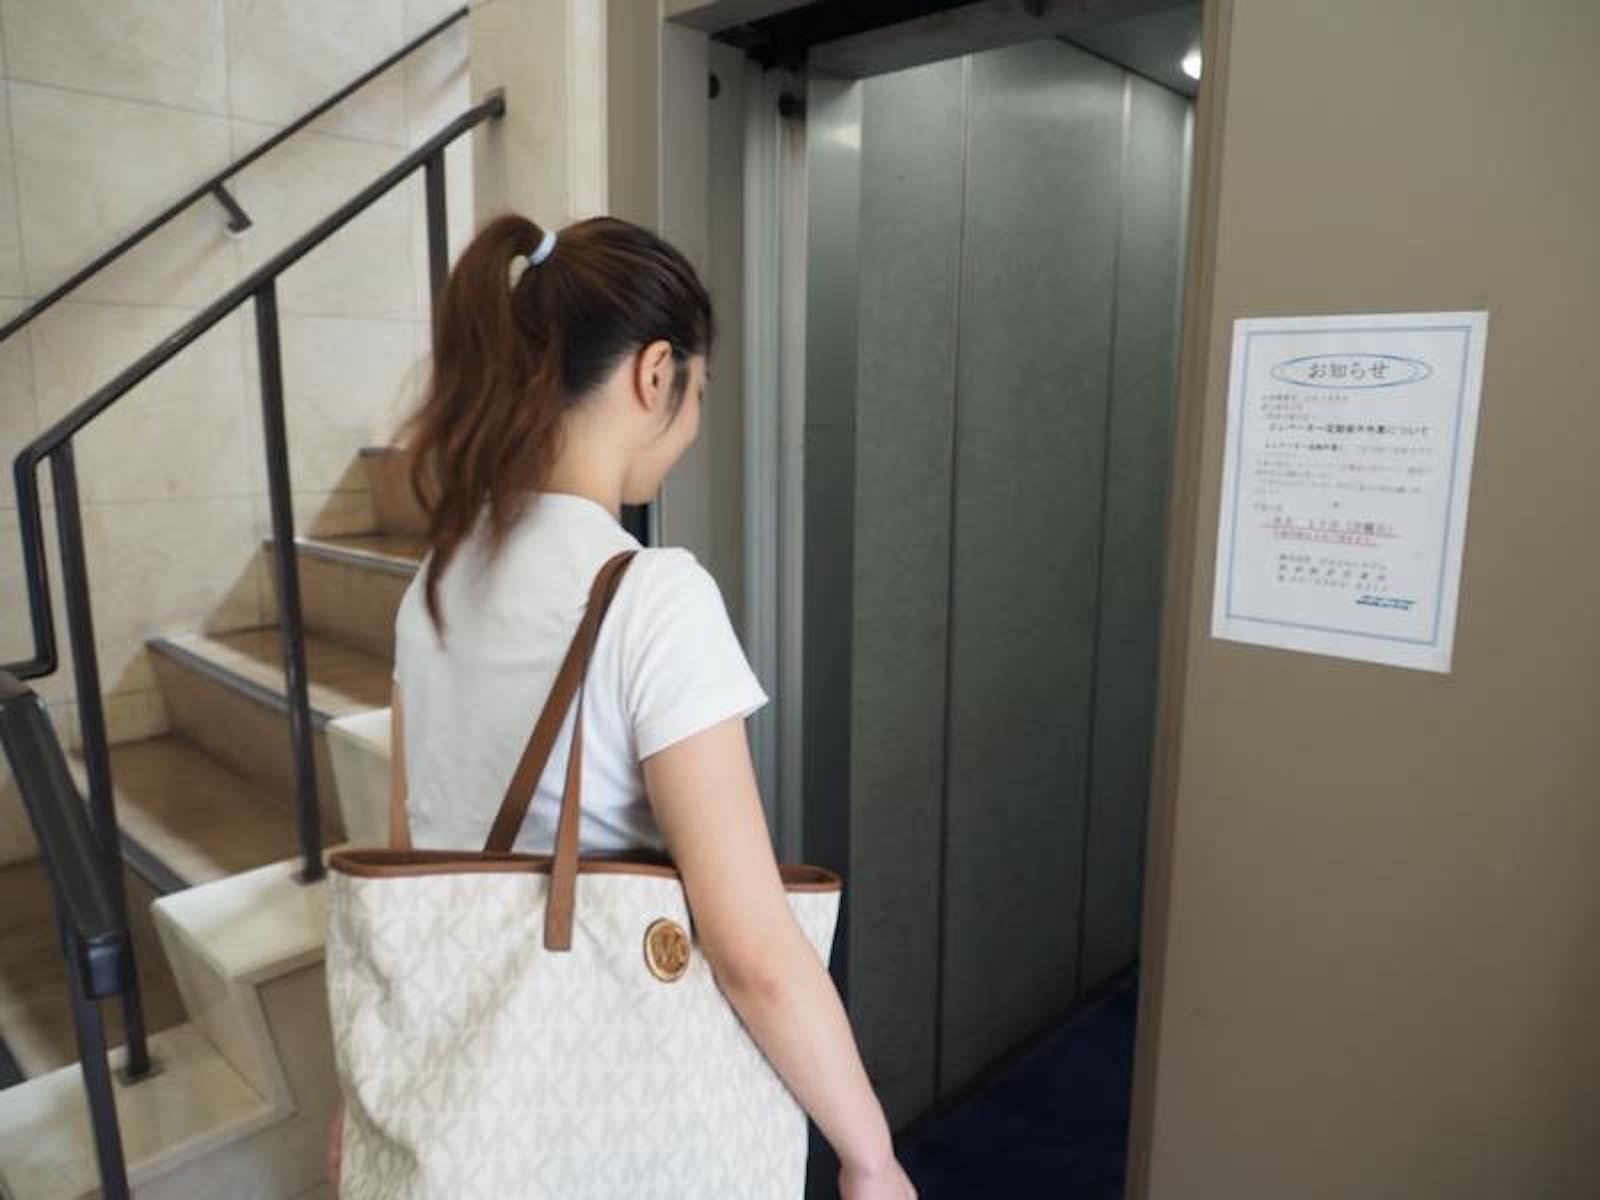 WELBEXエレベーター